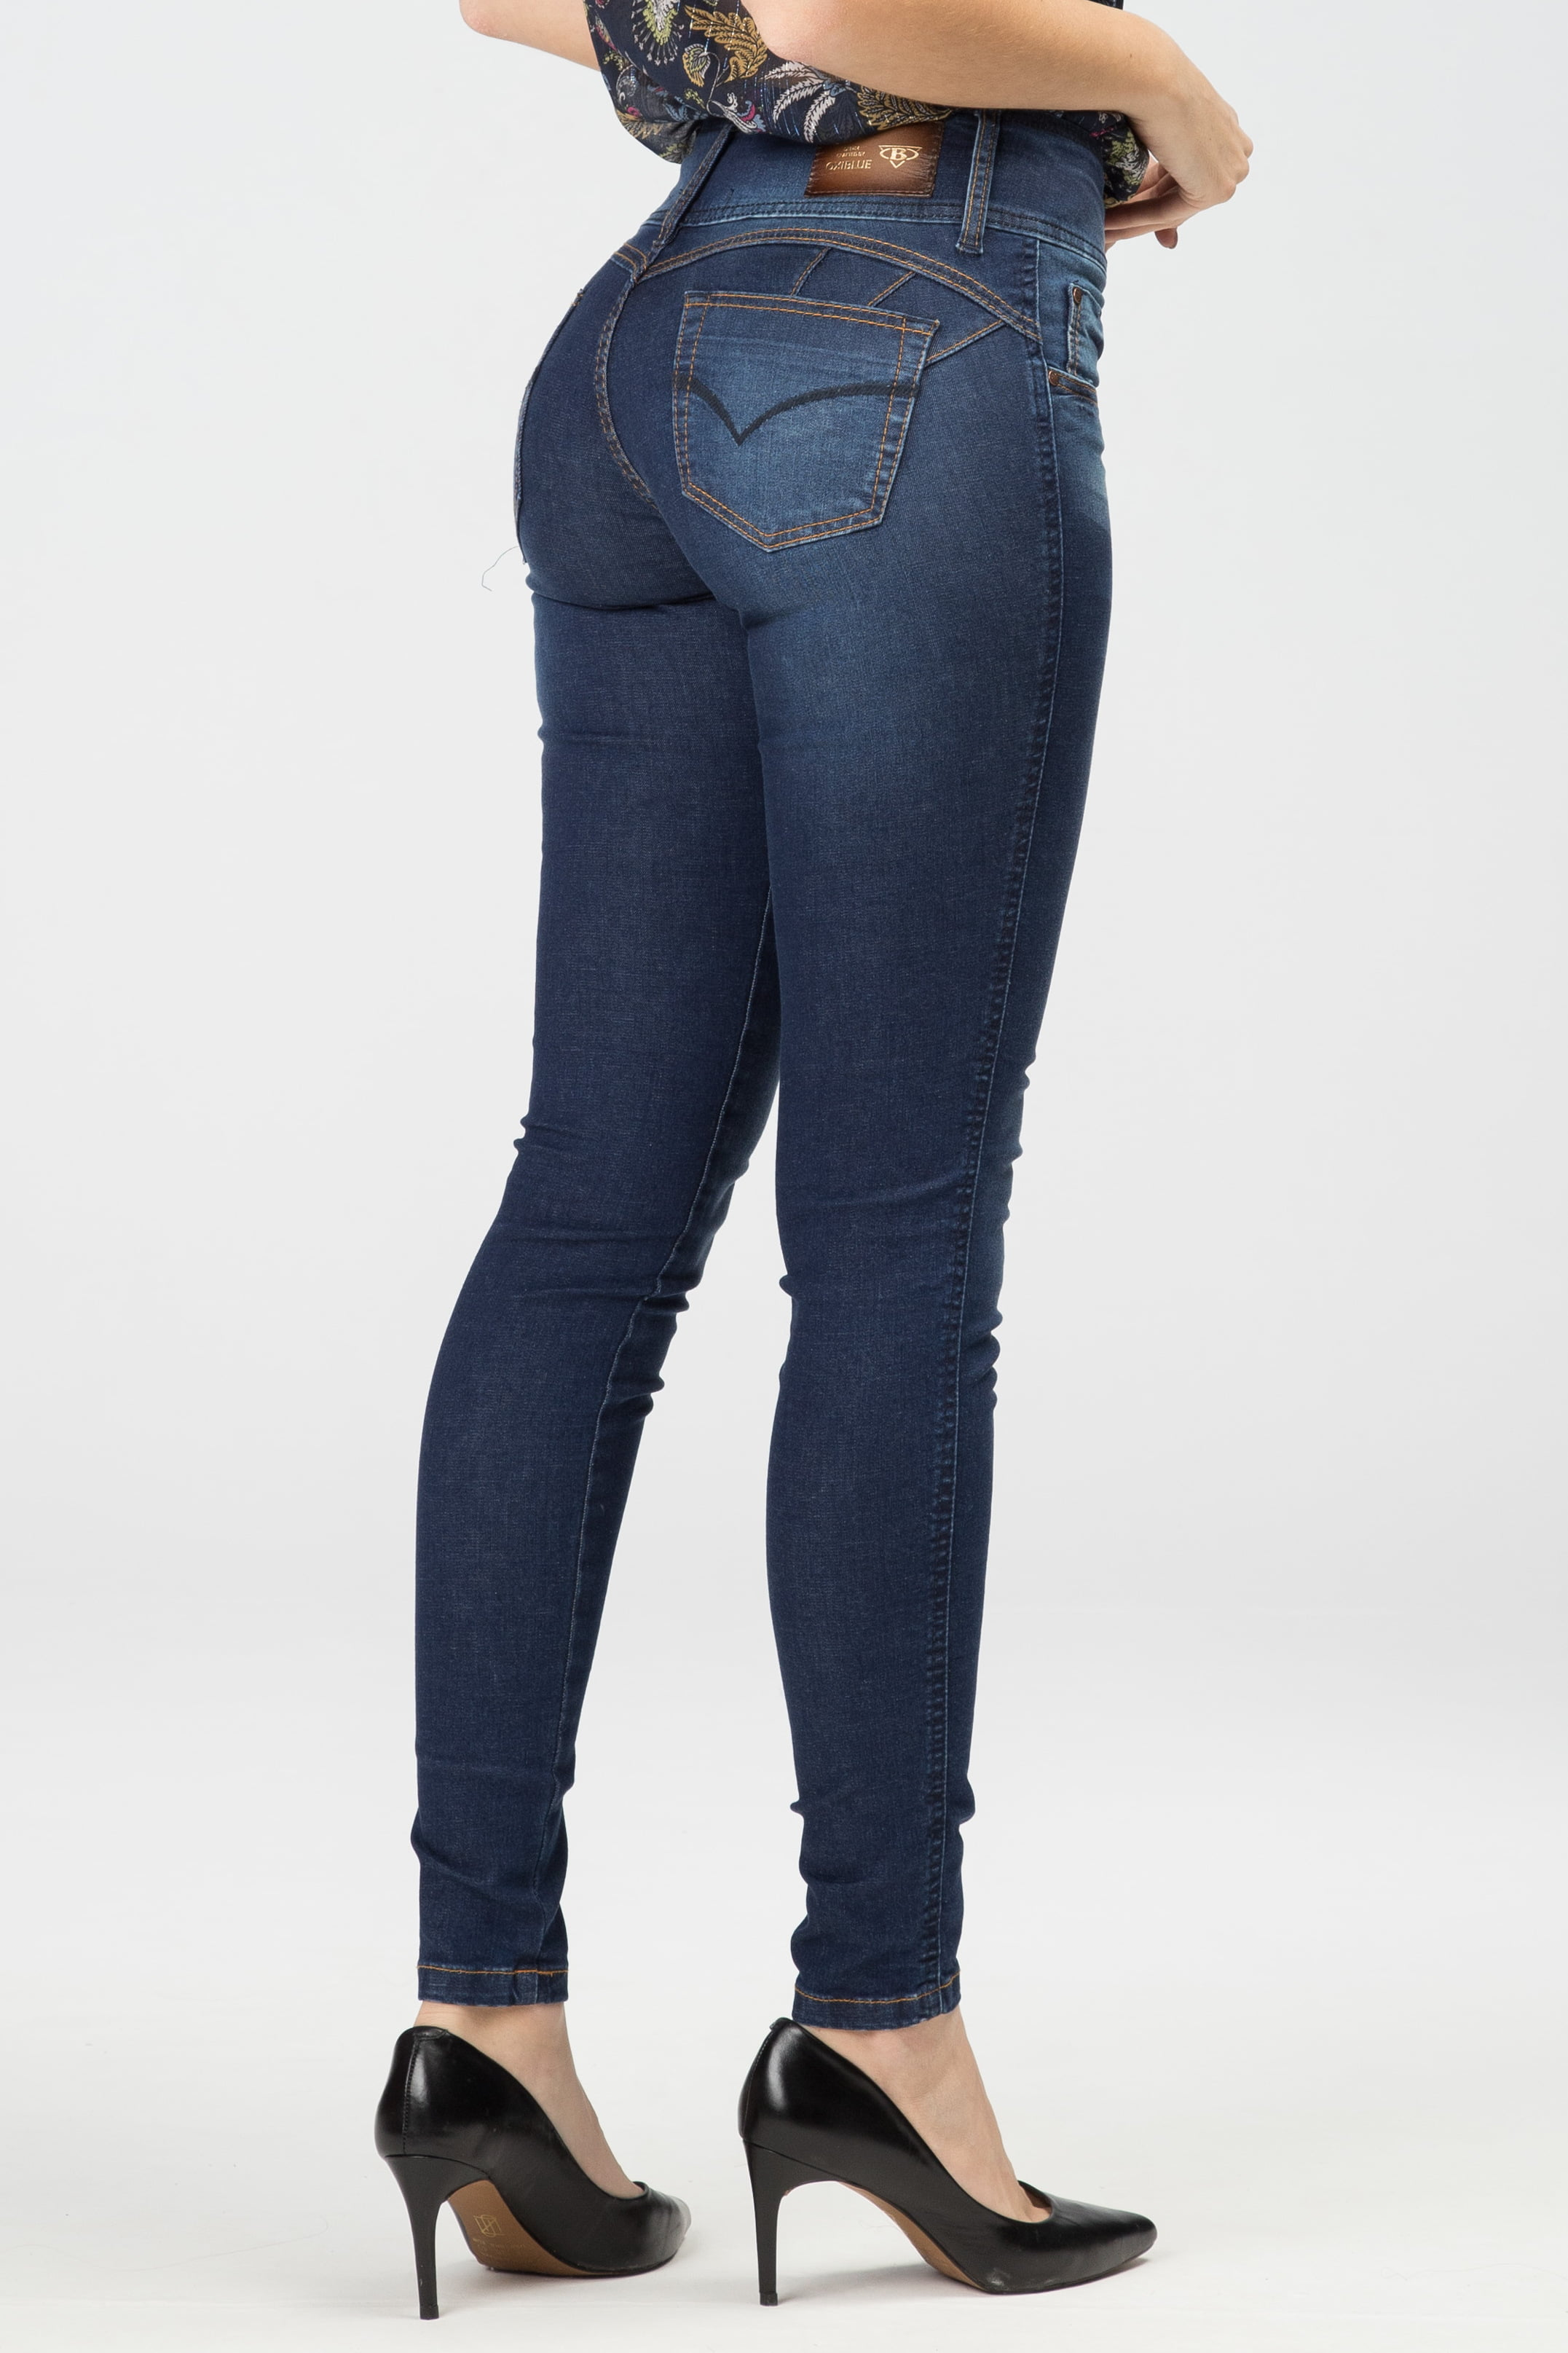 Calça Jeans Levanta Bumbum F2020273